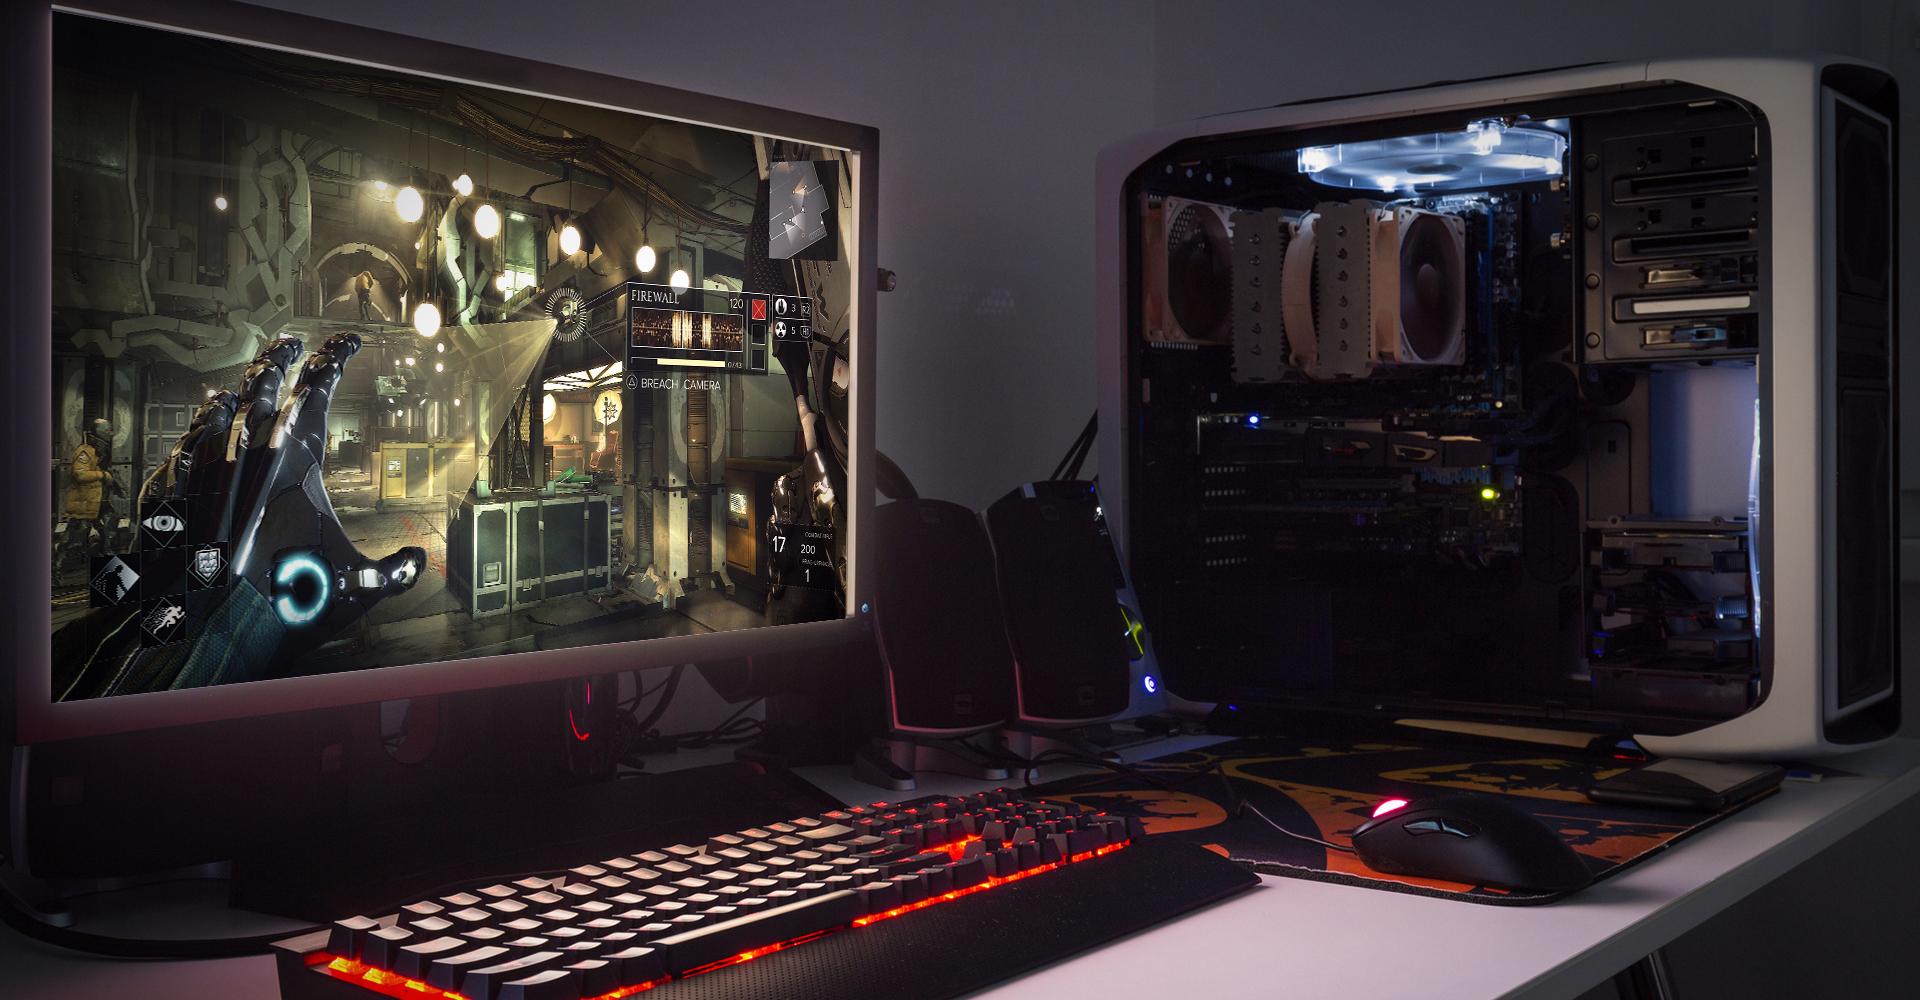 Gamer-PC auf dem Deus Ex läuft